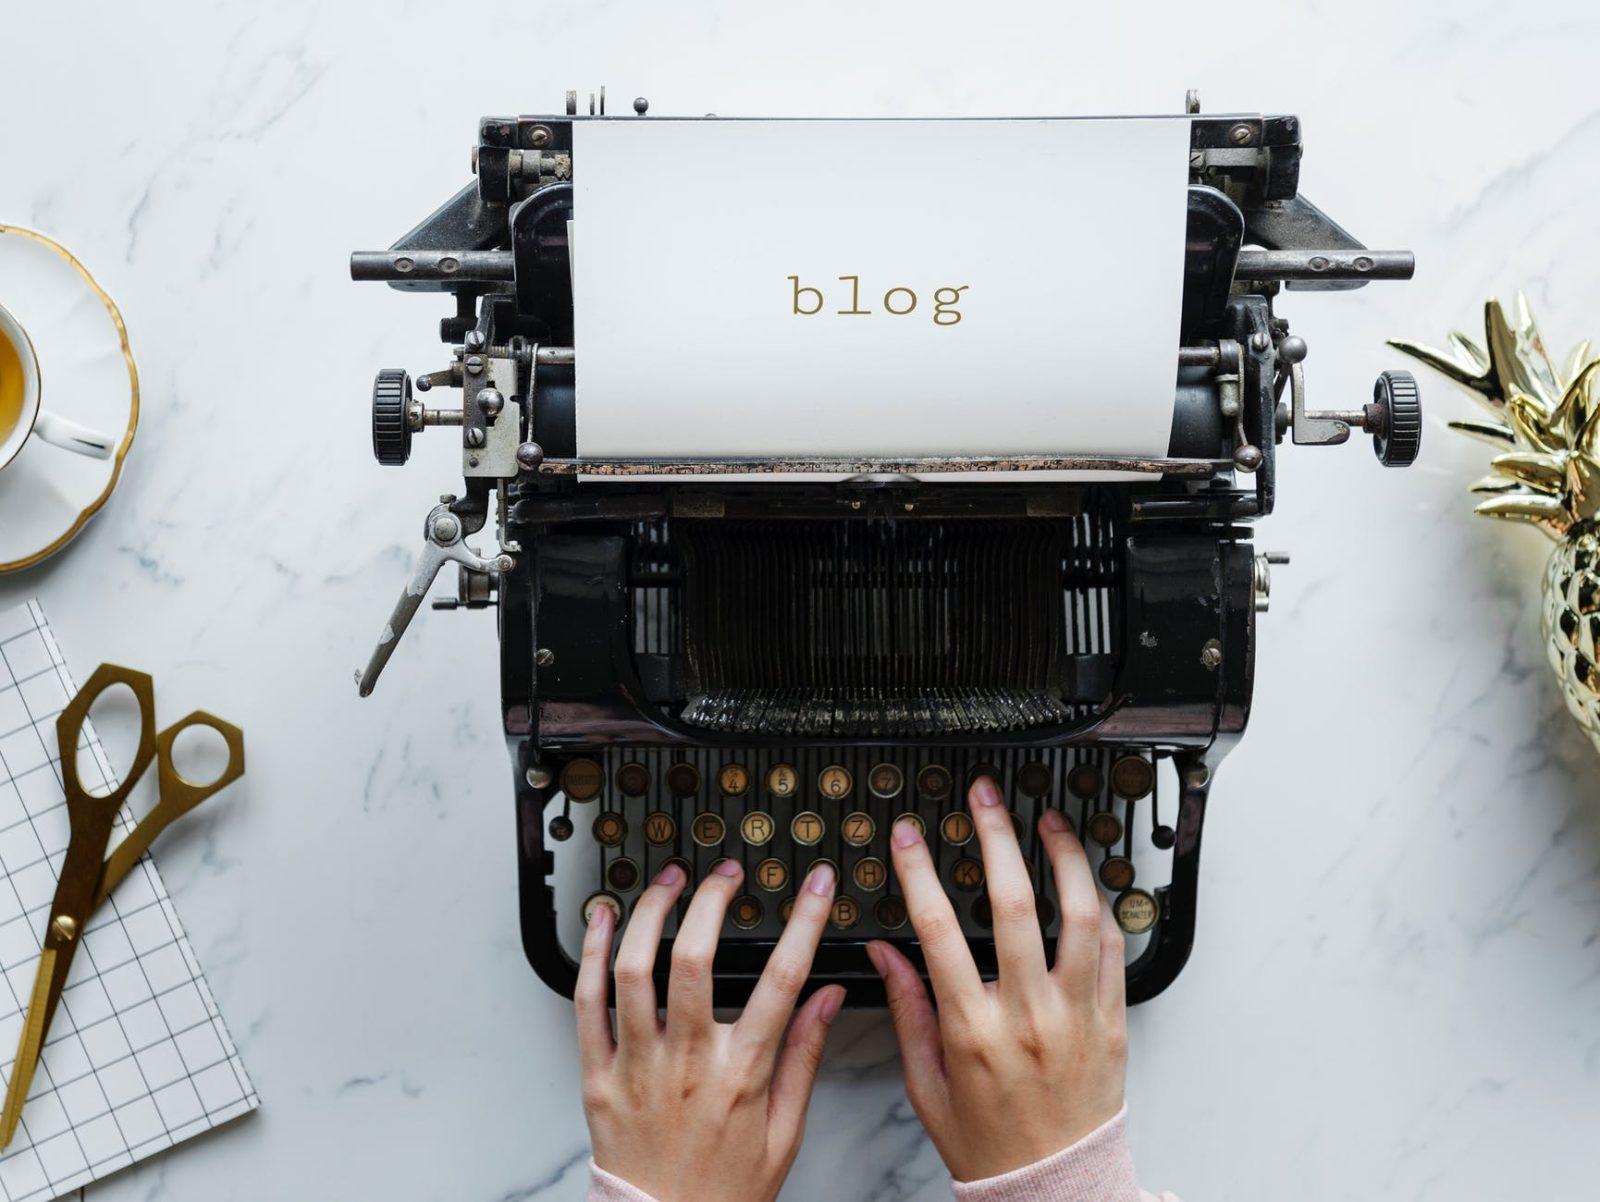 כיצד לבחור את פלטפורמת הבלוג הטובה ביותר לשנת 2019